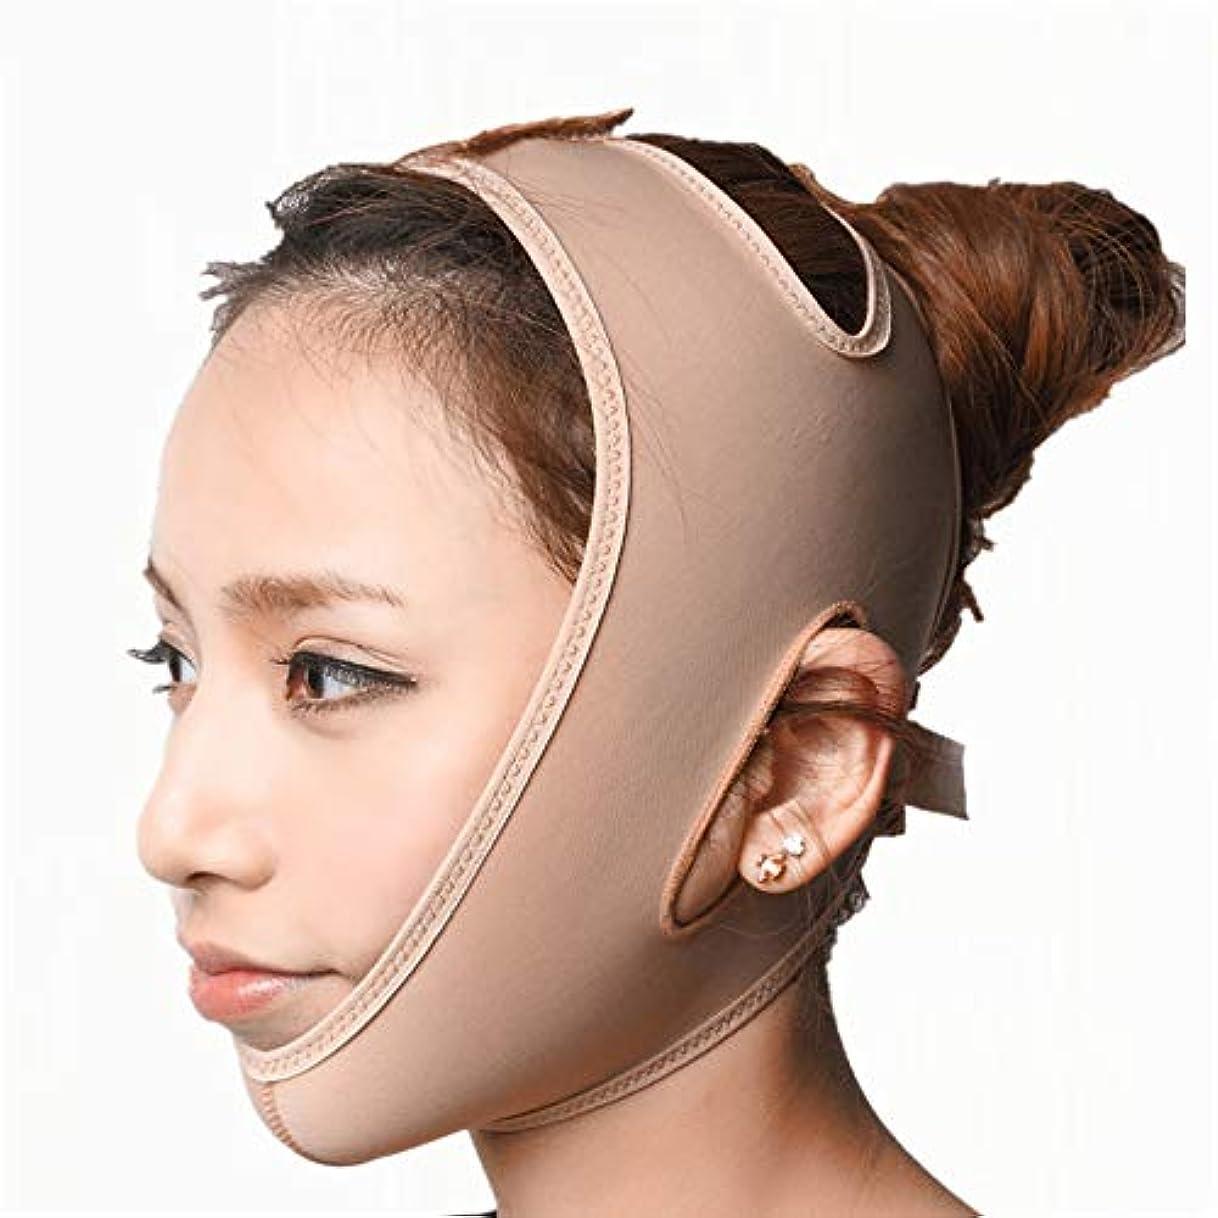 生き返らせる基礎したい顔の持ち上がる痩身ベルト - アンチエイジングリンクルフェイスマスクベルトシンフェイス包帯整形マスクは顔と首を締めますフェイススリム (サイズ さいず : S s)